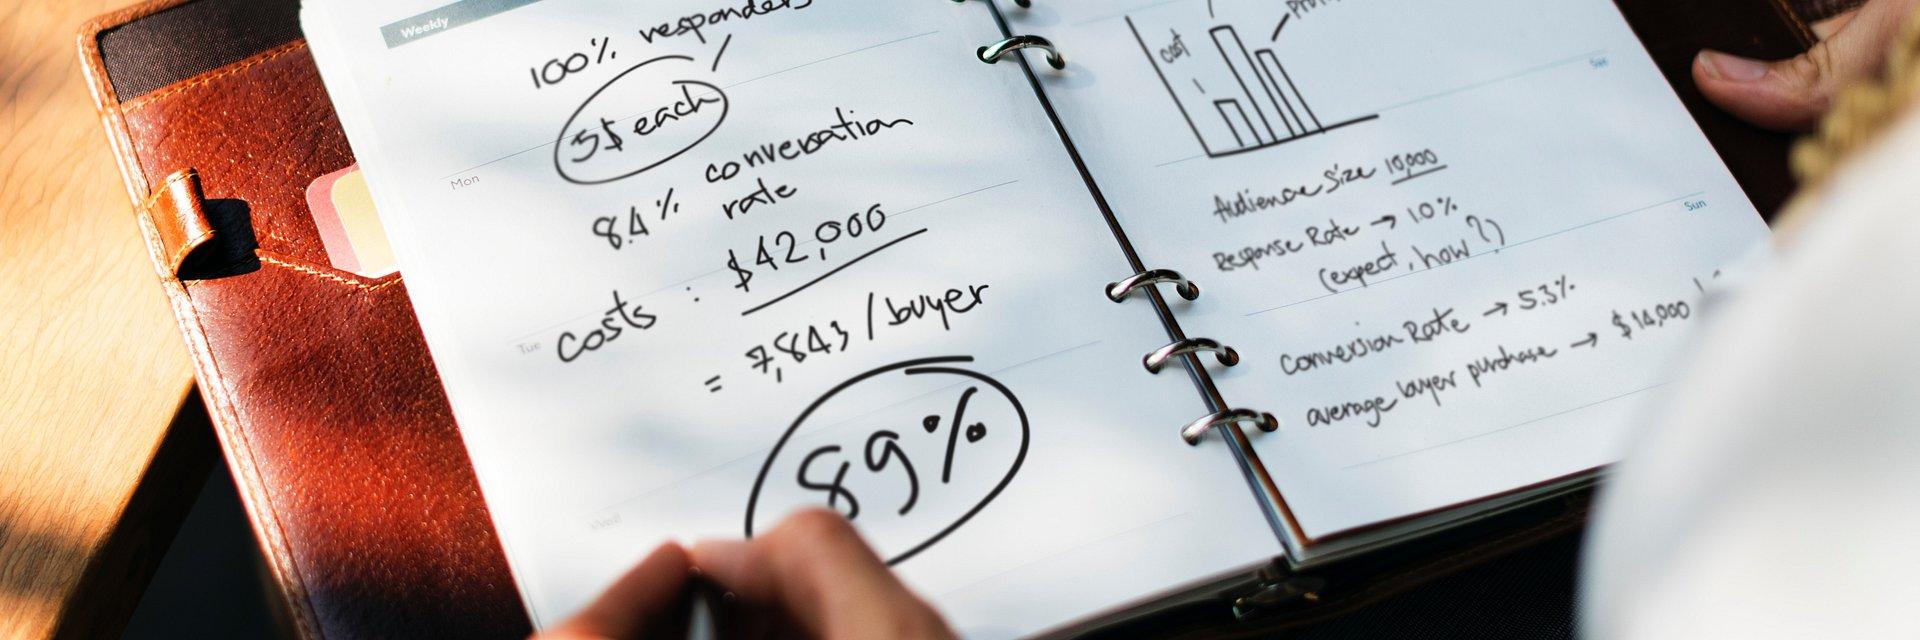 Małe firmy w 2019 rok wchodzą z nadzieją. I z problemami (RAPORT)